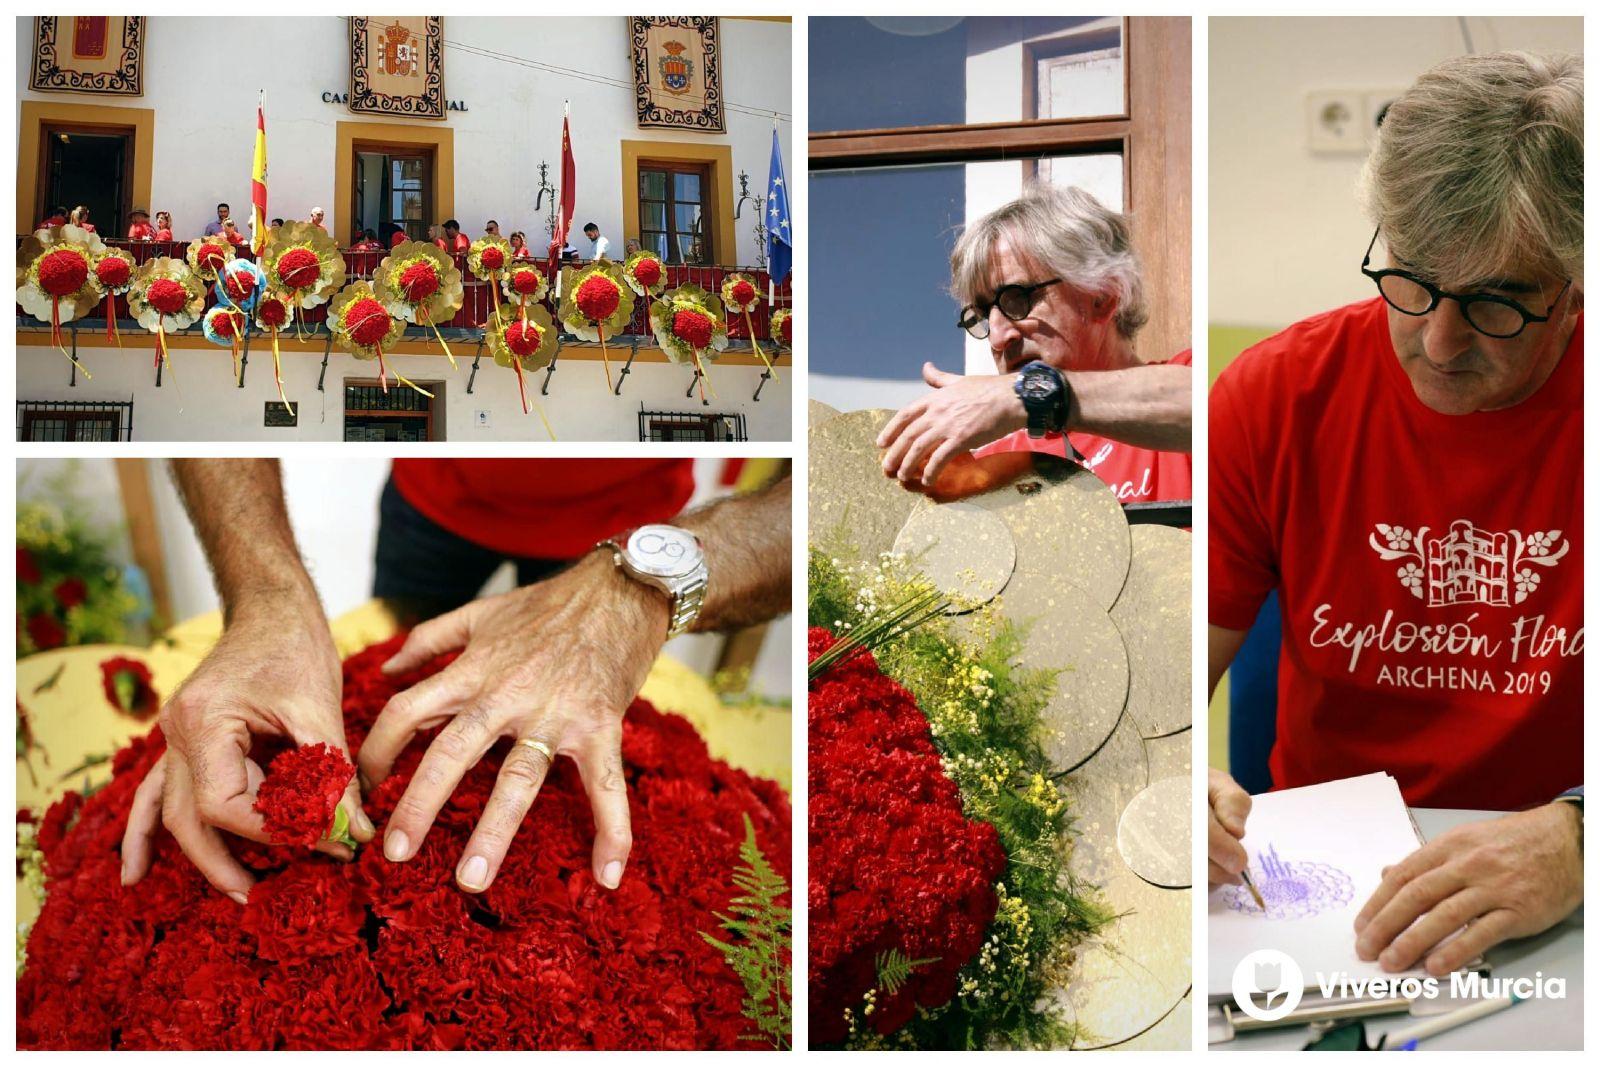 Floristas de Viveros Murcia colaboran el primer proyecto de arte floral de Archena